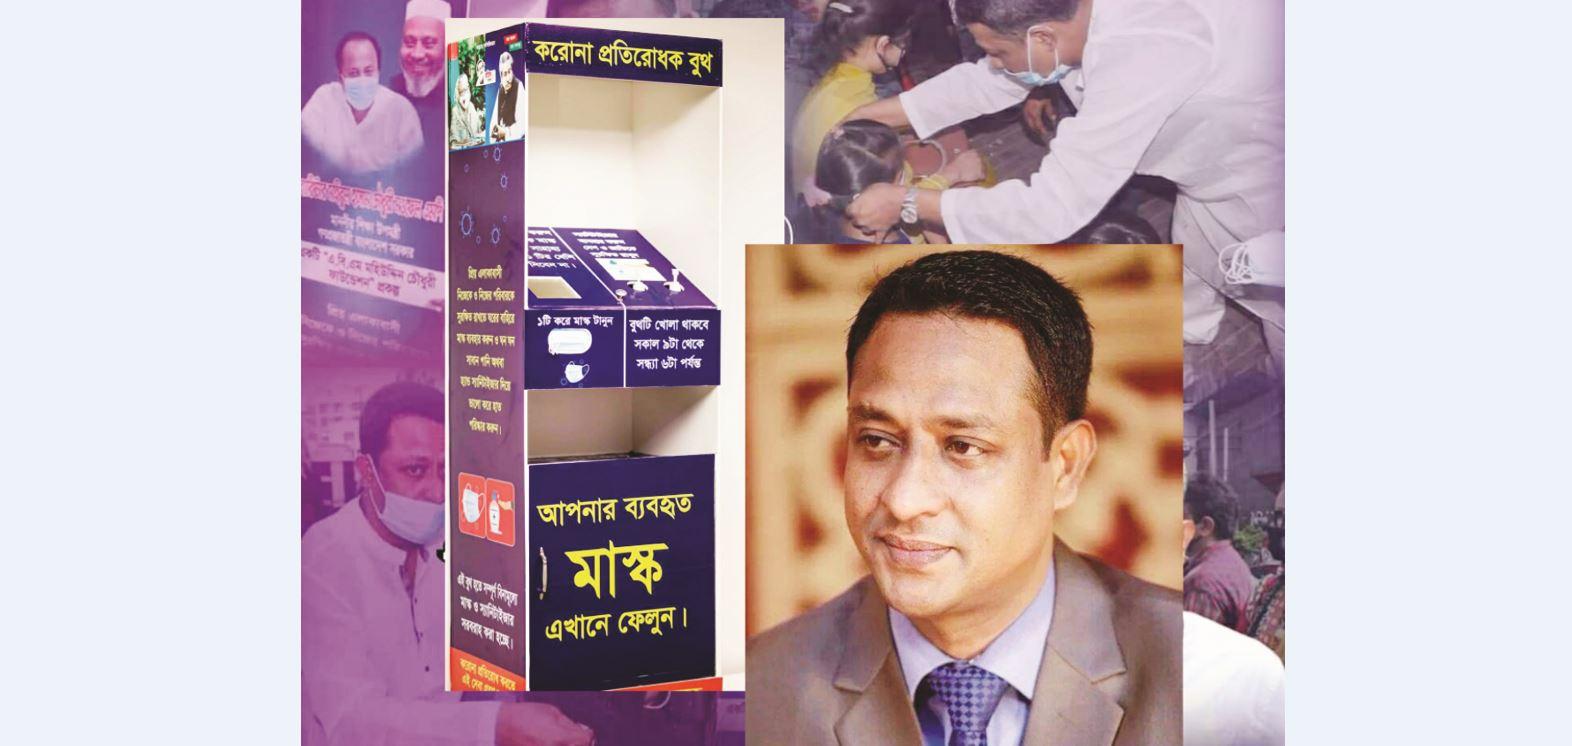 Helal Akbar Chowdhury envisions building a secure Bangladesh